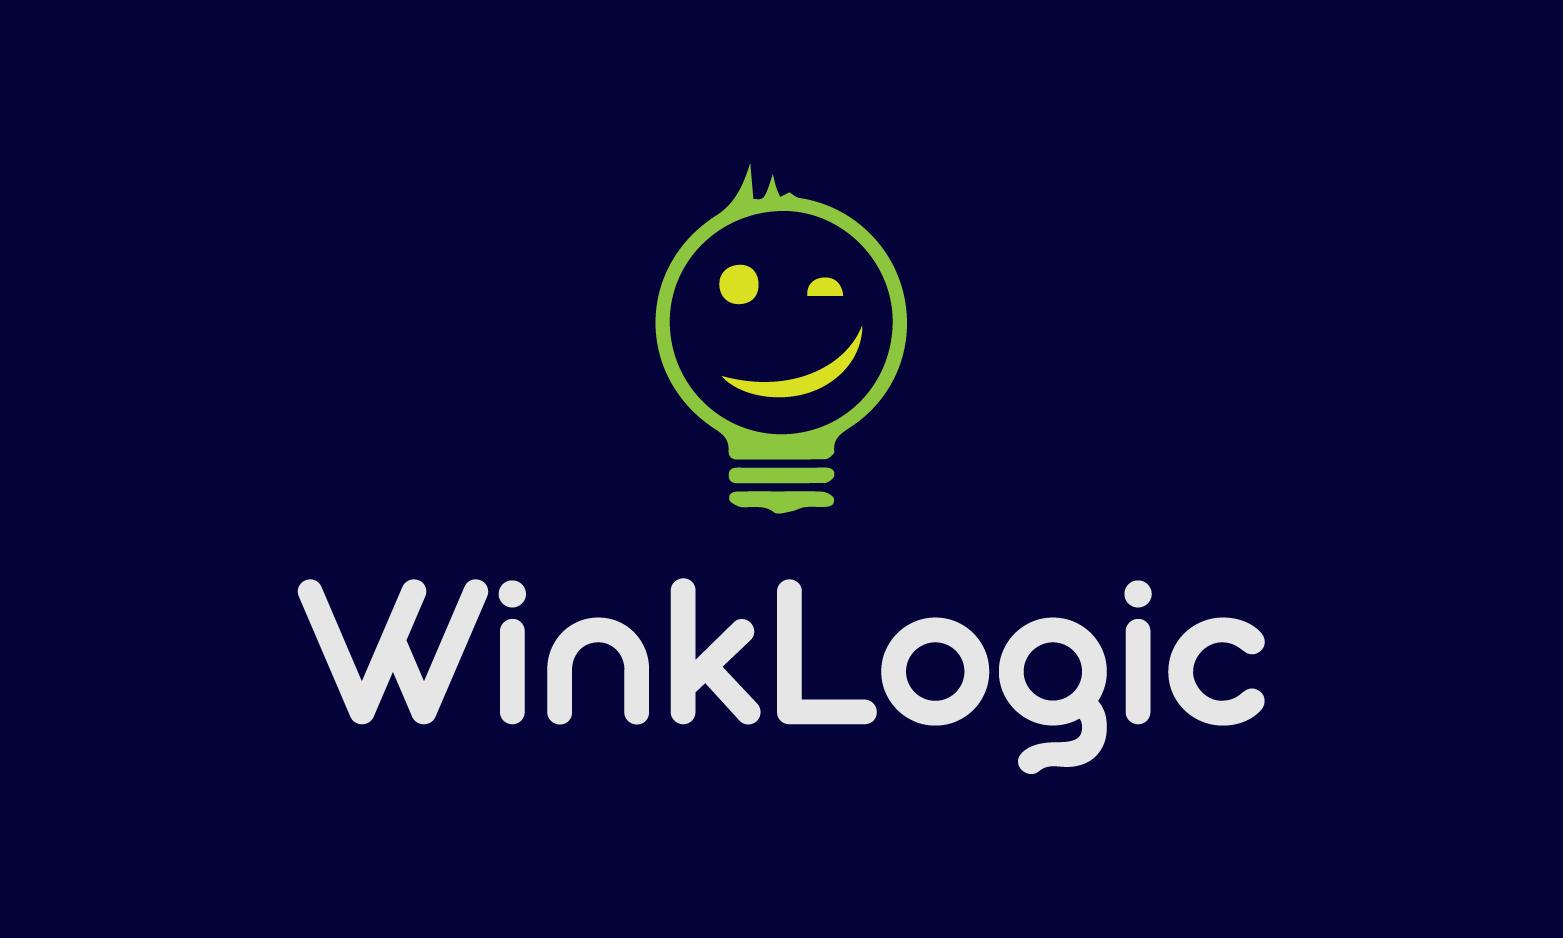 WinkLogic.com